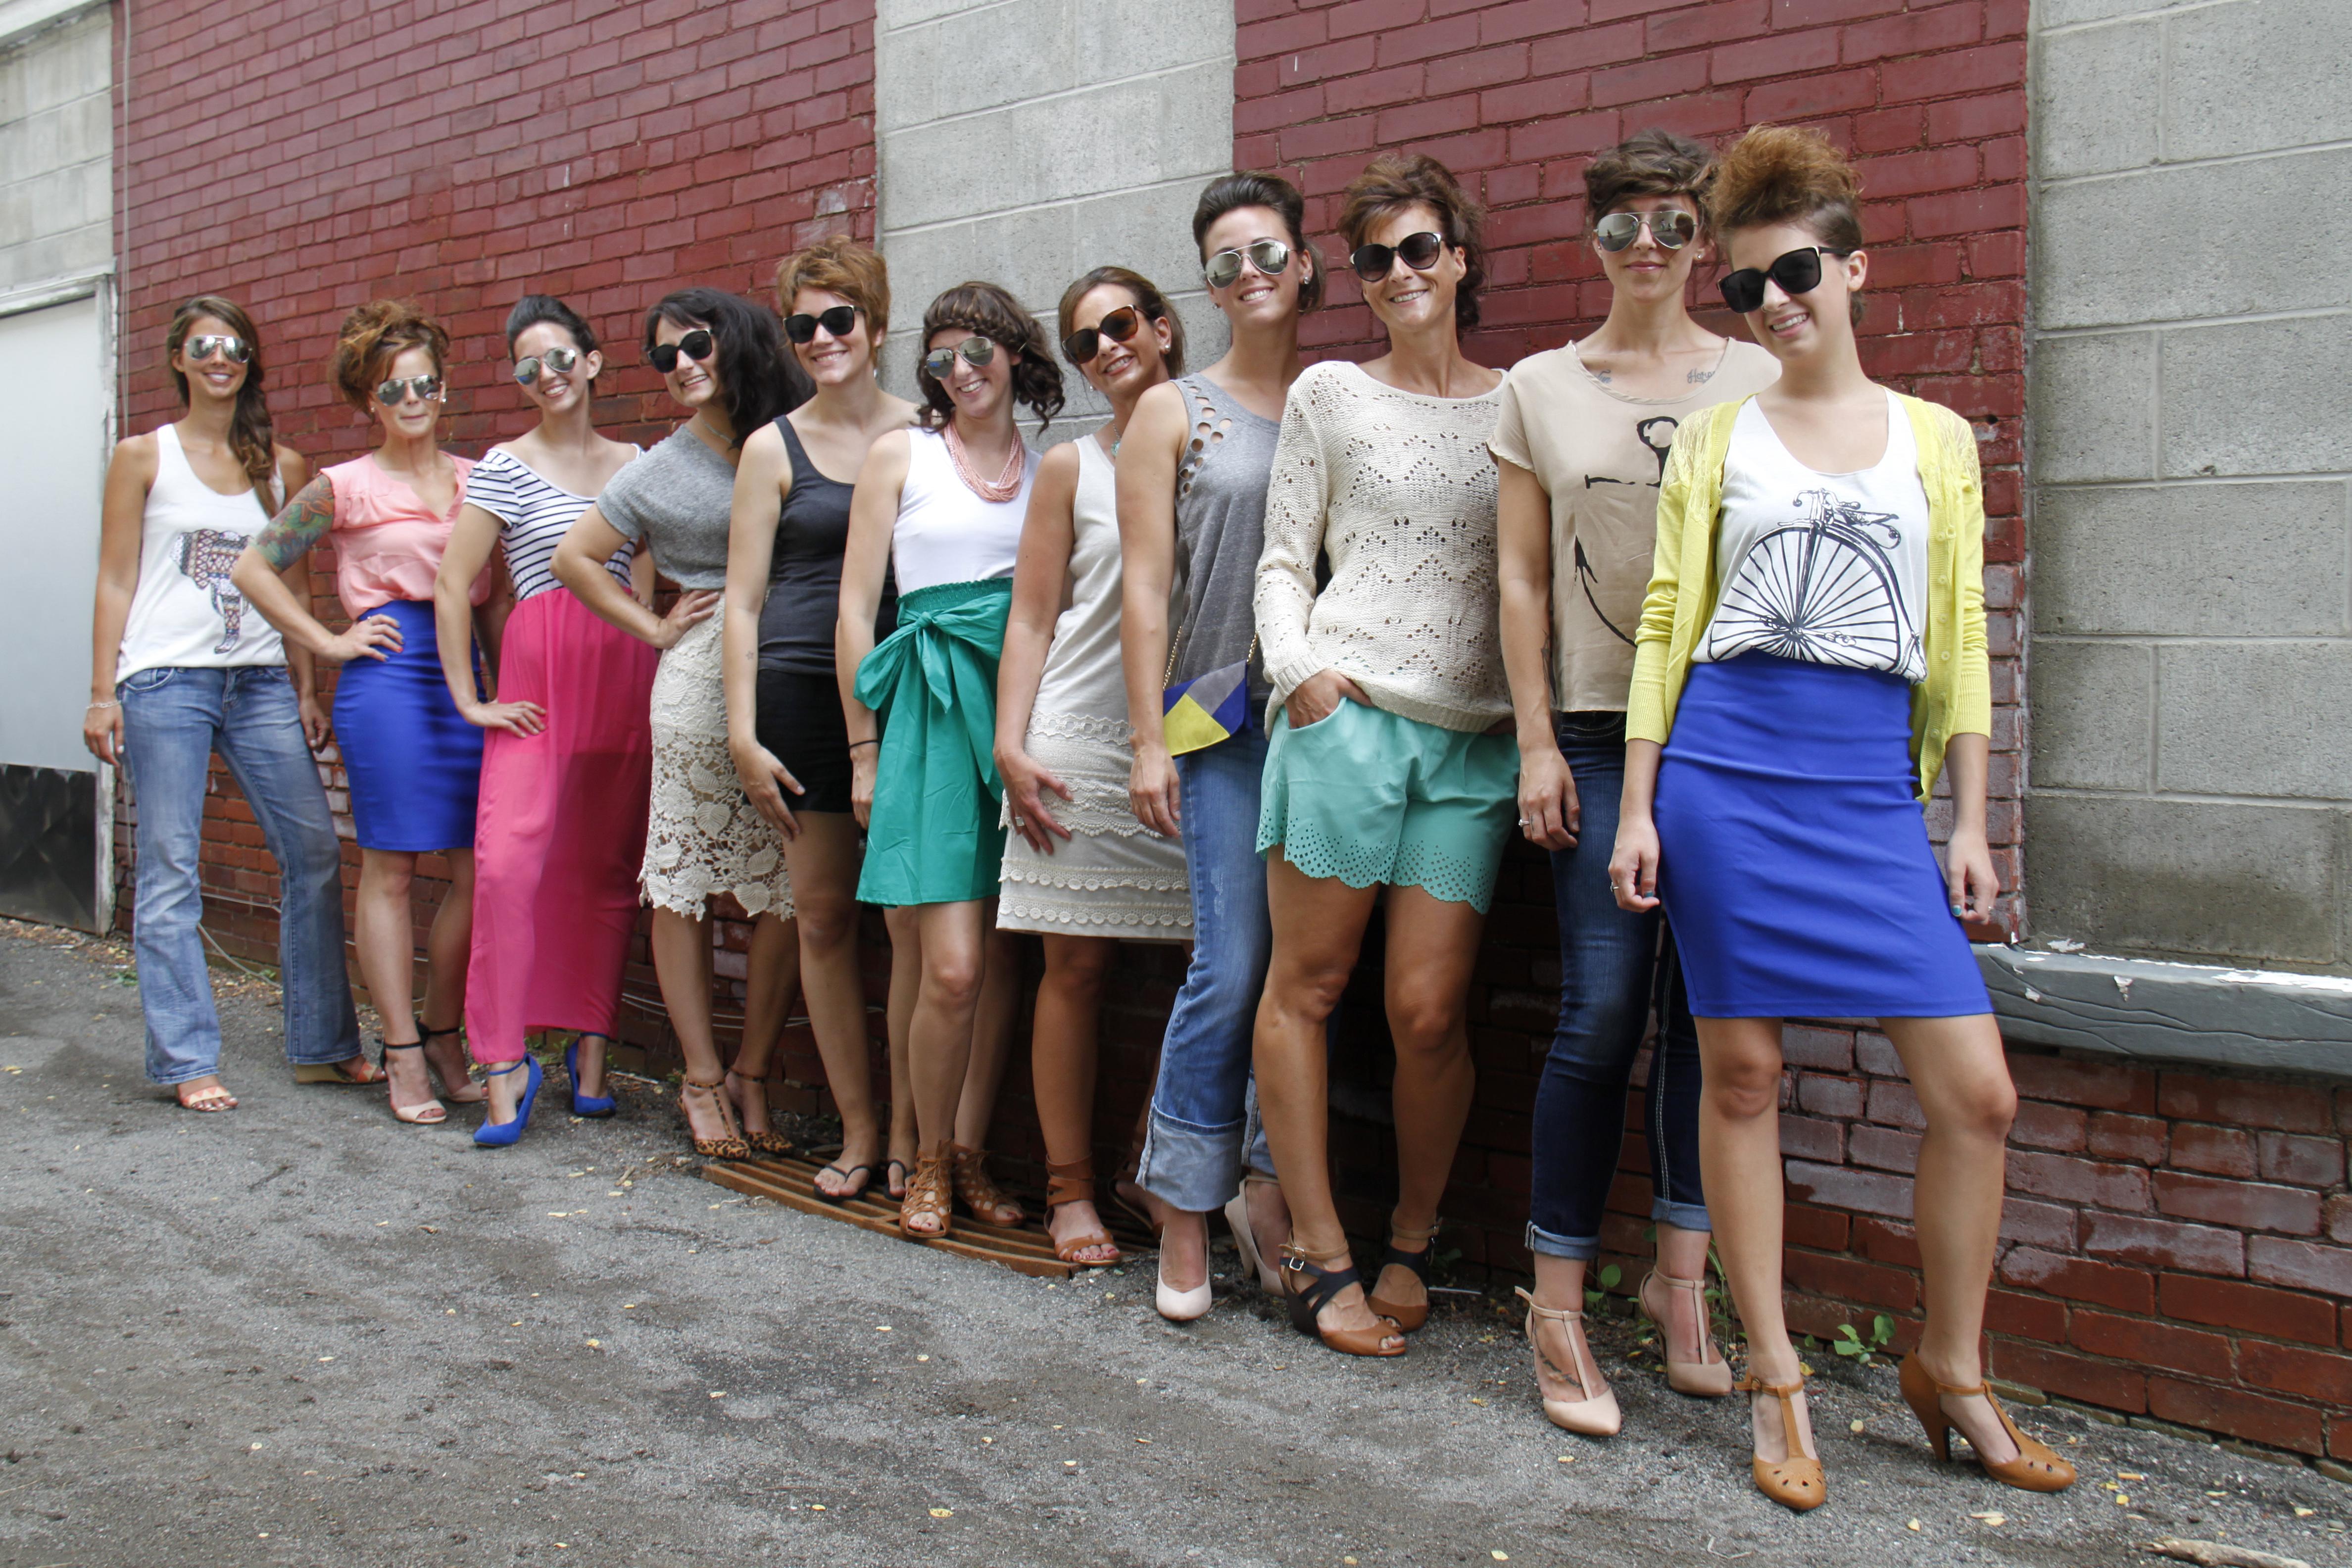 Erica D., Erica M., Kaitlin, Liz, Megan, Kathy, Angela, Kristy, Heather, Kelley & Emily 01